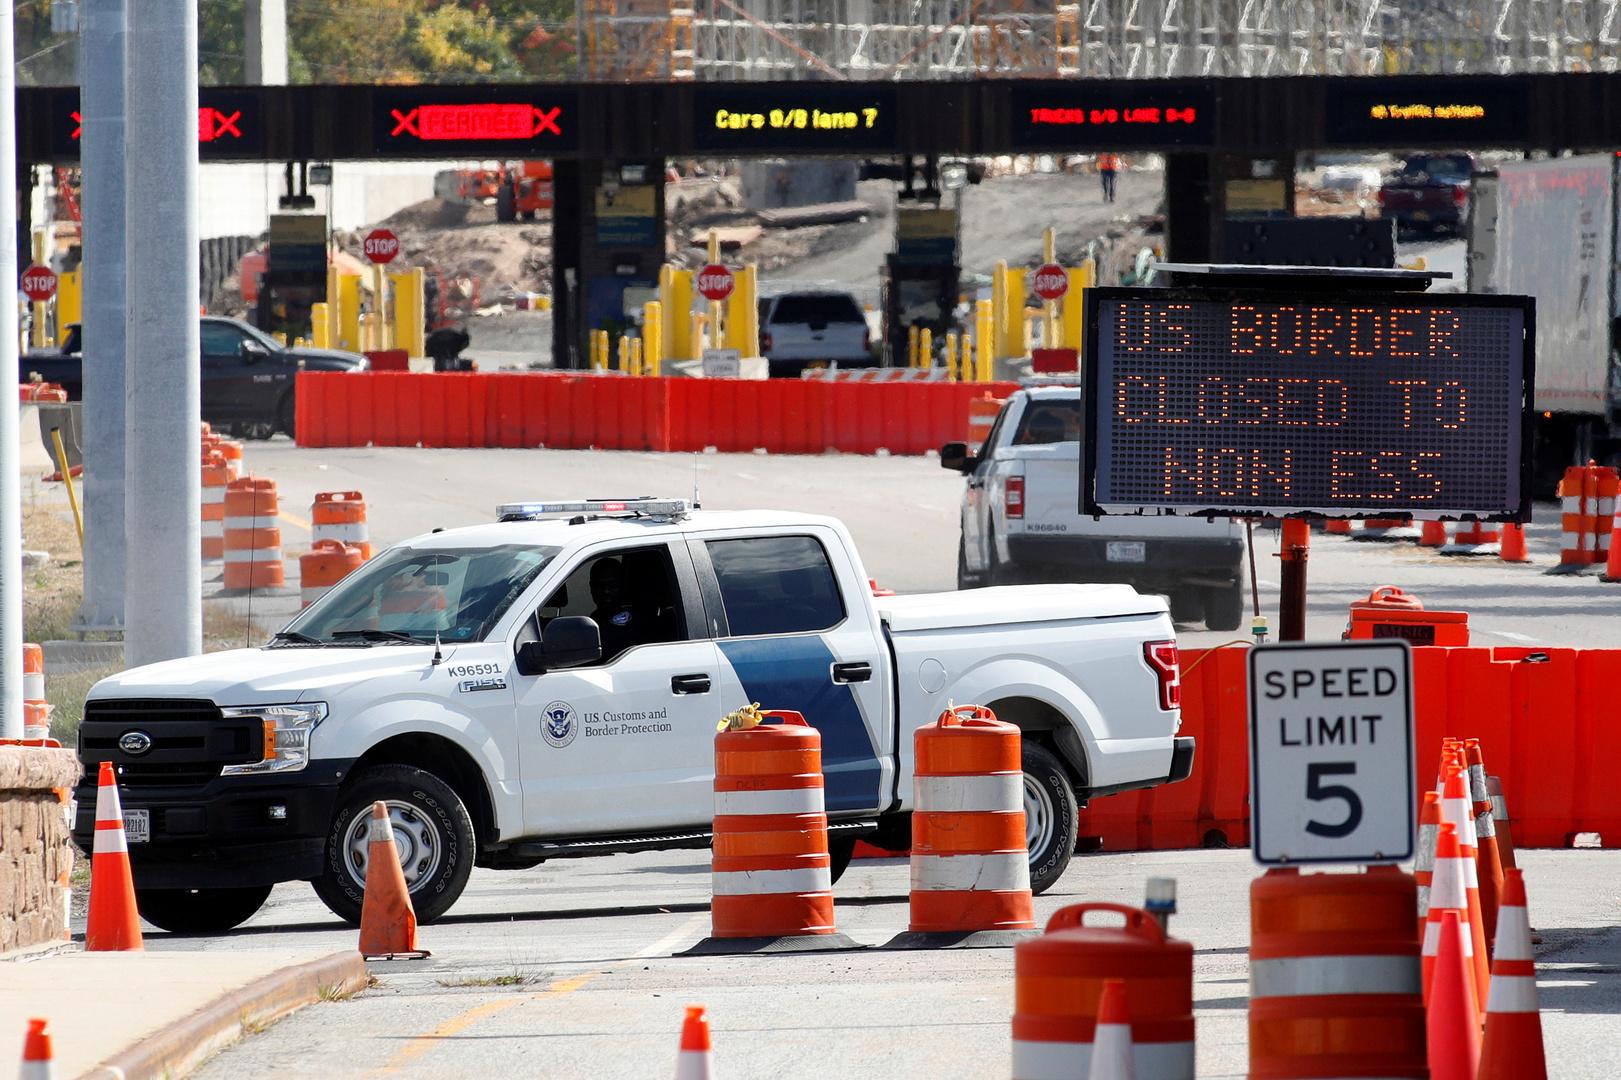 حرس الحدود الأمريكي يعتقل أمريكيين